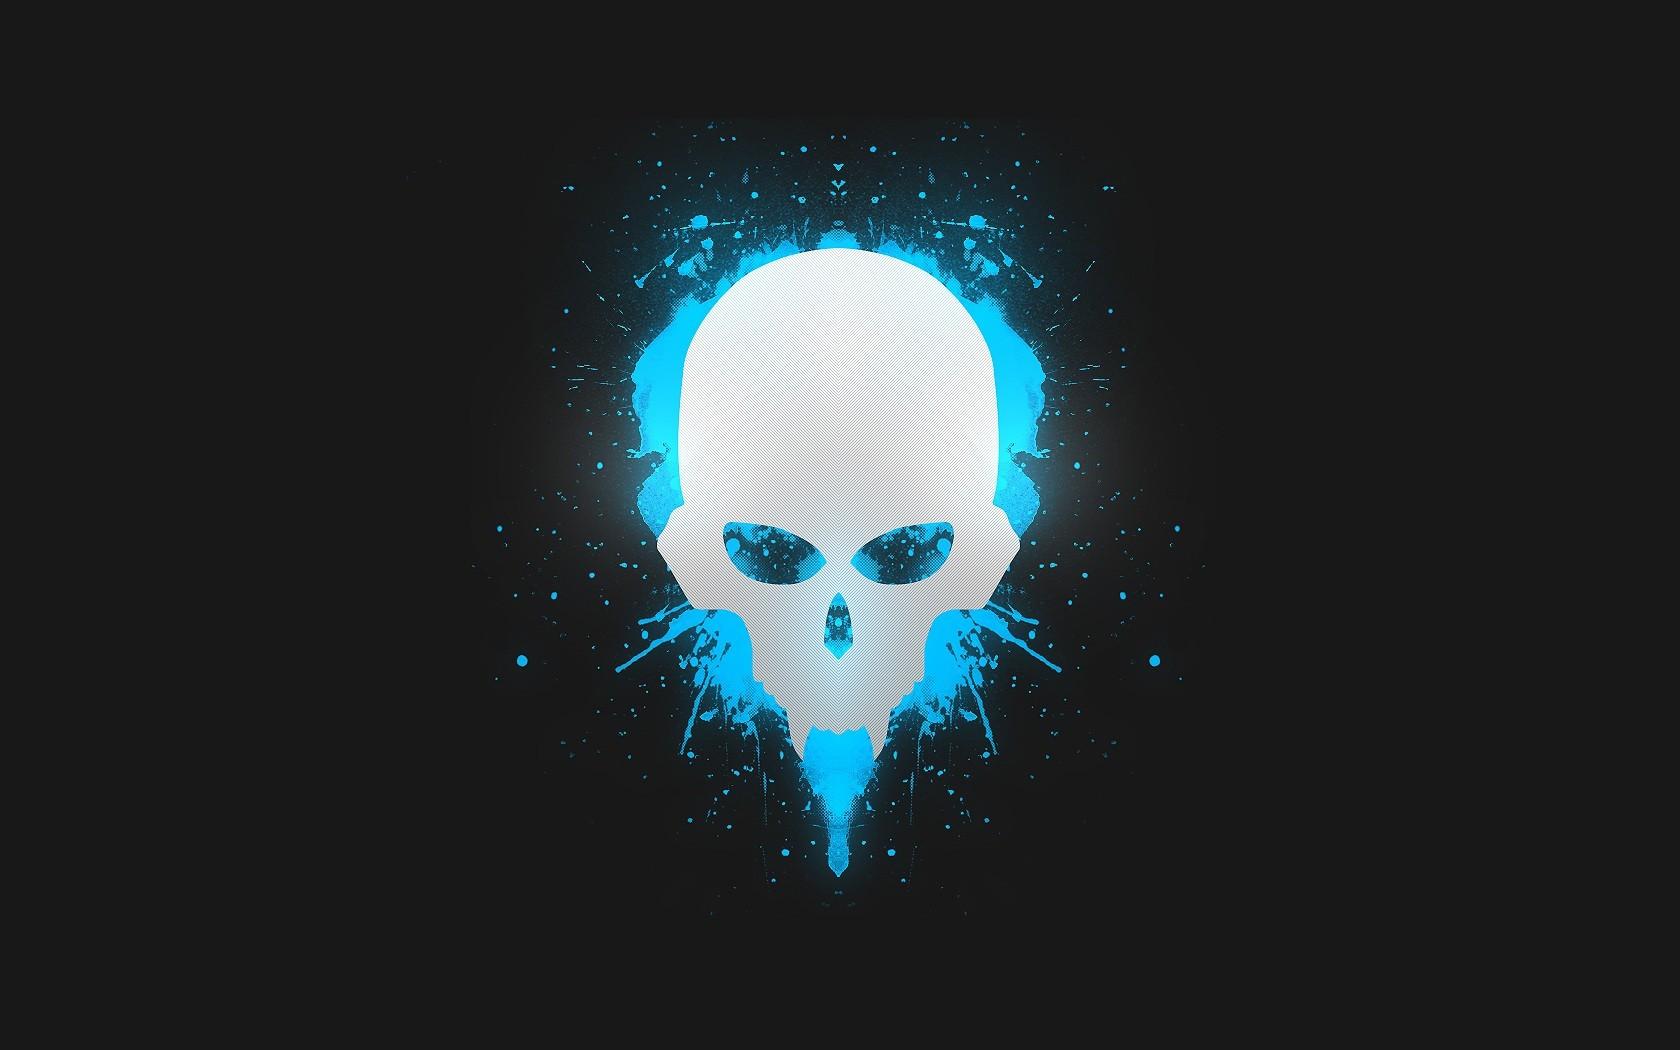 тебя, картинки череп на синем фоне дрессированная обезьянка